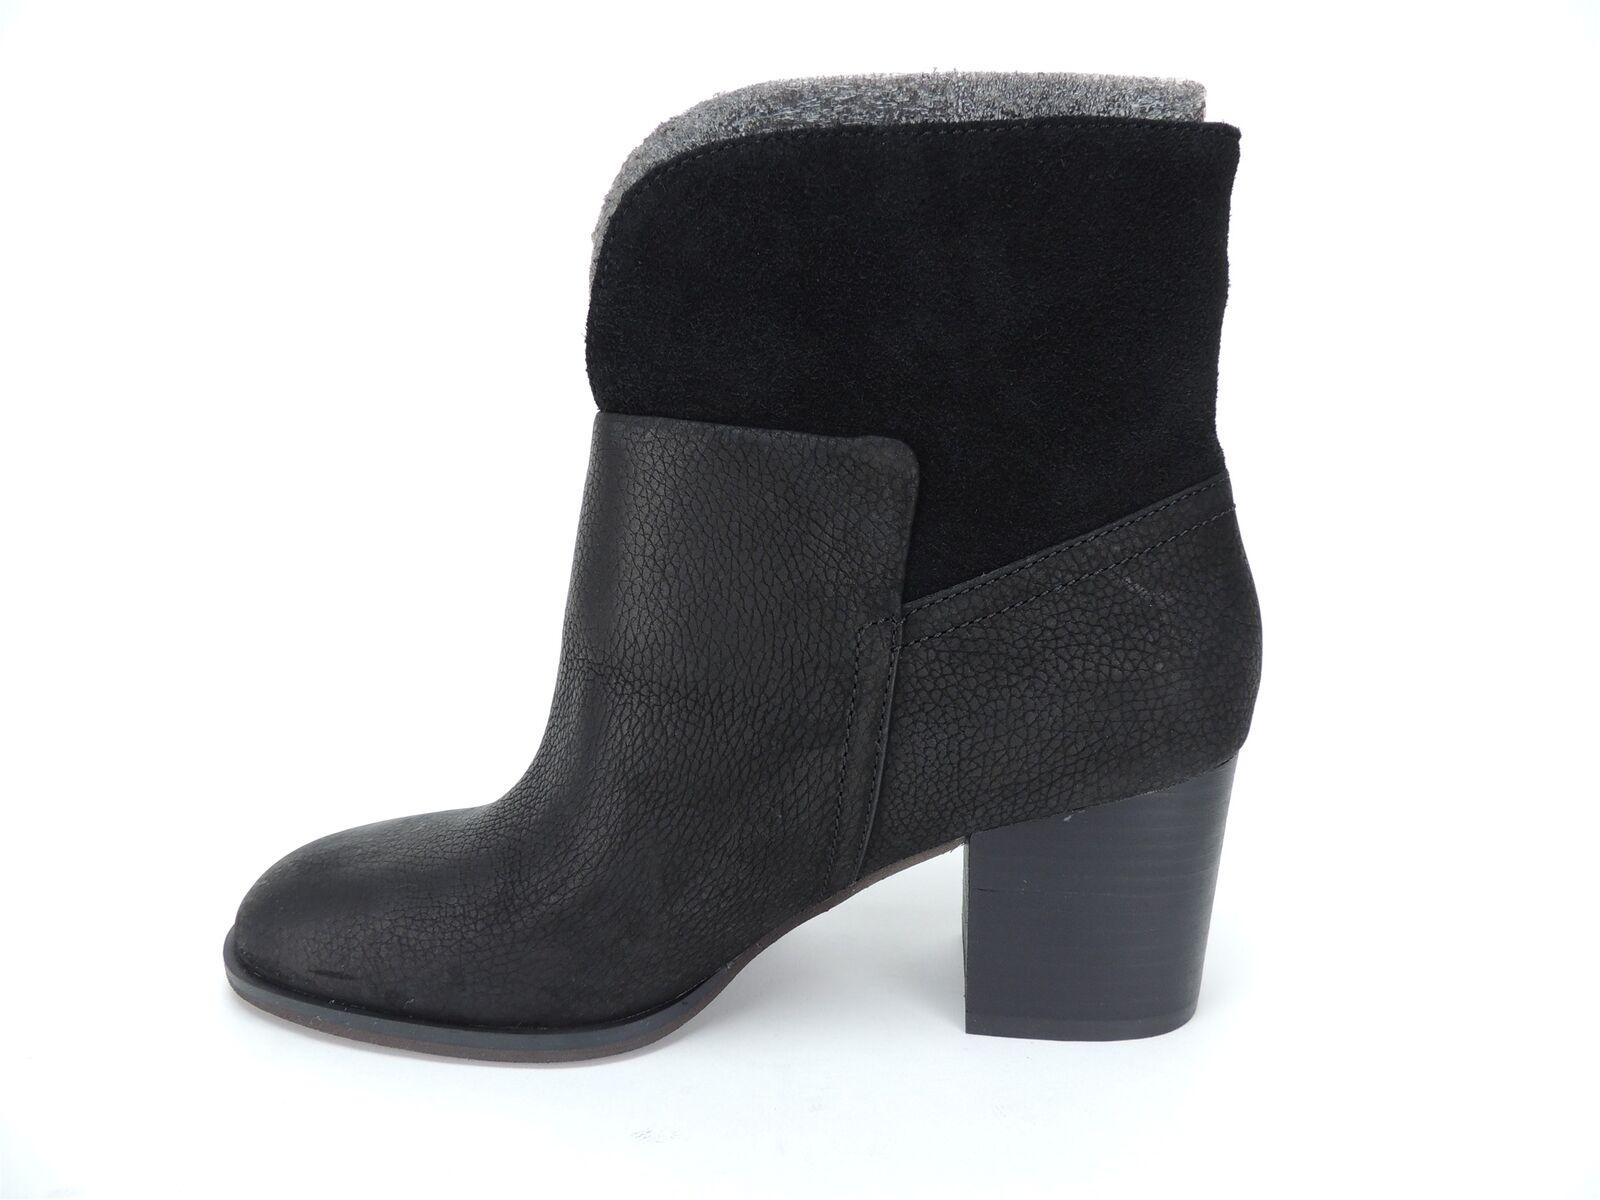 Nine West Women's Dale Block-Heel Booties Booties Booties Black Ankle Boots Size 6.5 M 19f3aa